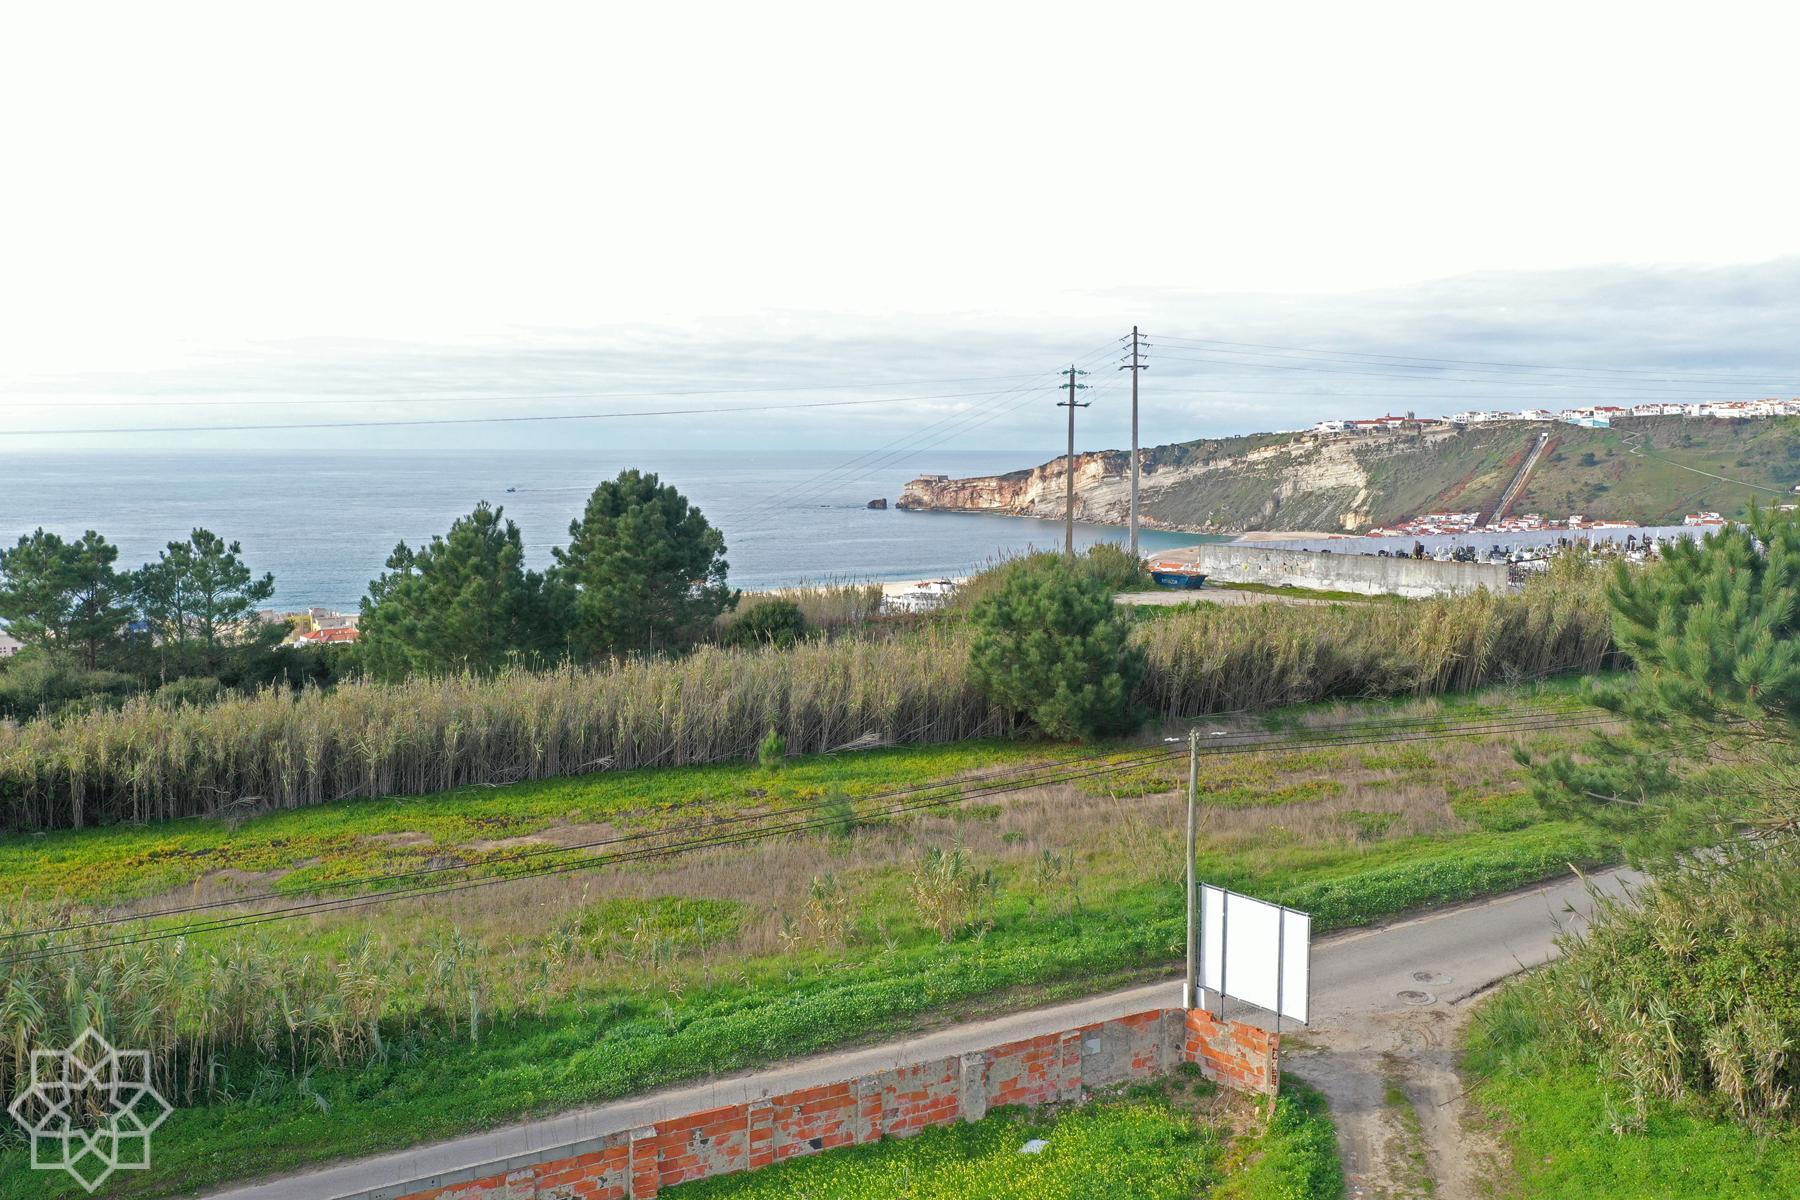 Så här blir utsikten från övre plan i Pederneira